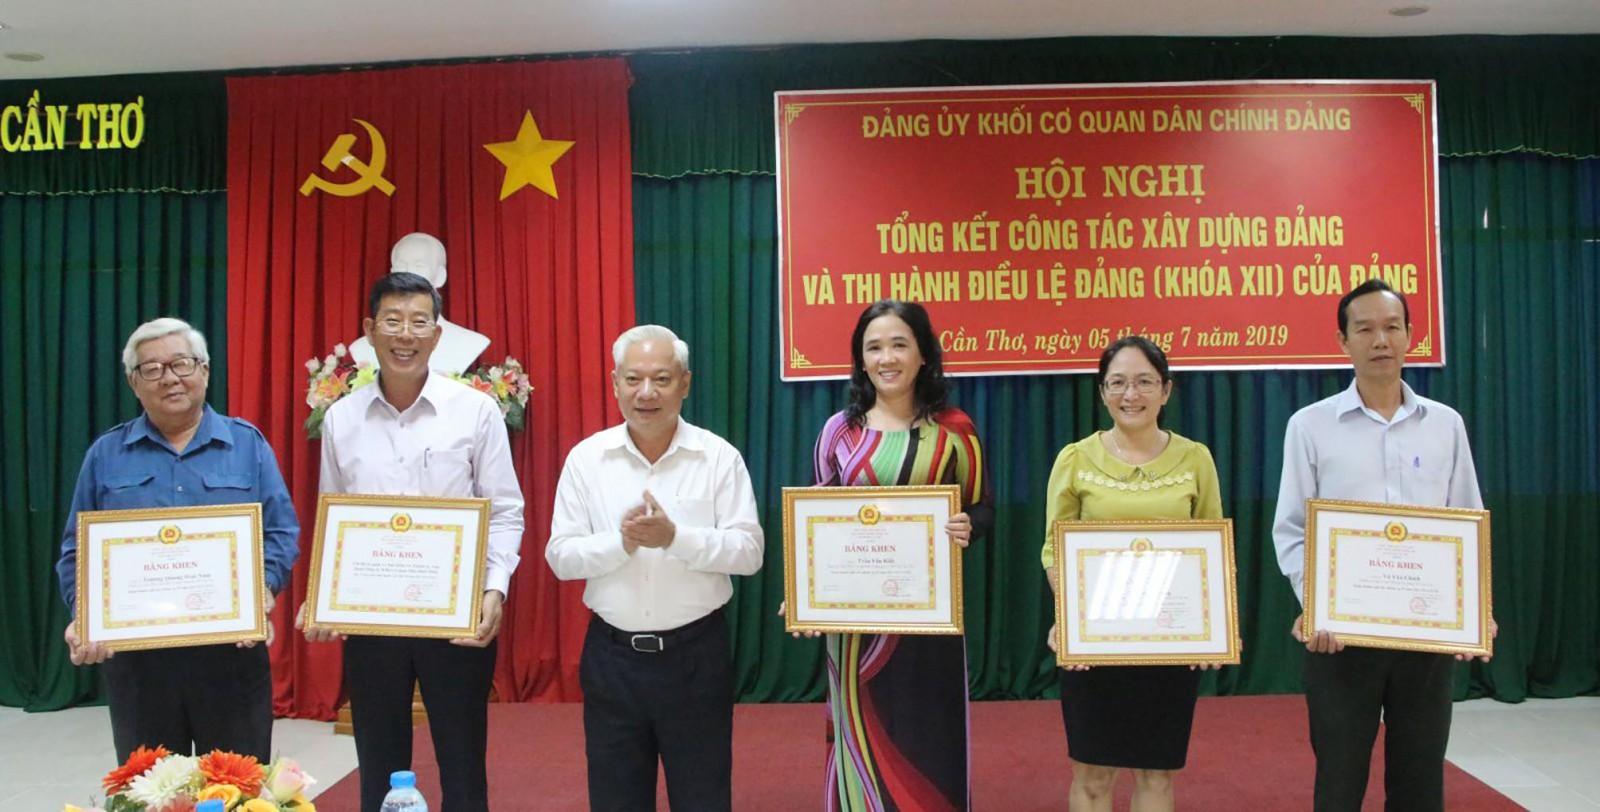 Đồng chí Mai Thanh Dân trao Bằng khen của Ban Thường vụ Thành ủy cho các tổ chức cơ sở đảng đạt trong sạch vững mạnh tiêu biểu 5 năm liền và đảng viên hoàn thành xuất sắc nhiệm vụ 5 năm liền.